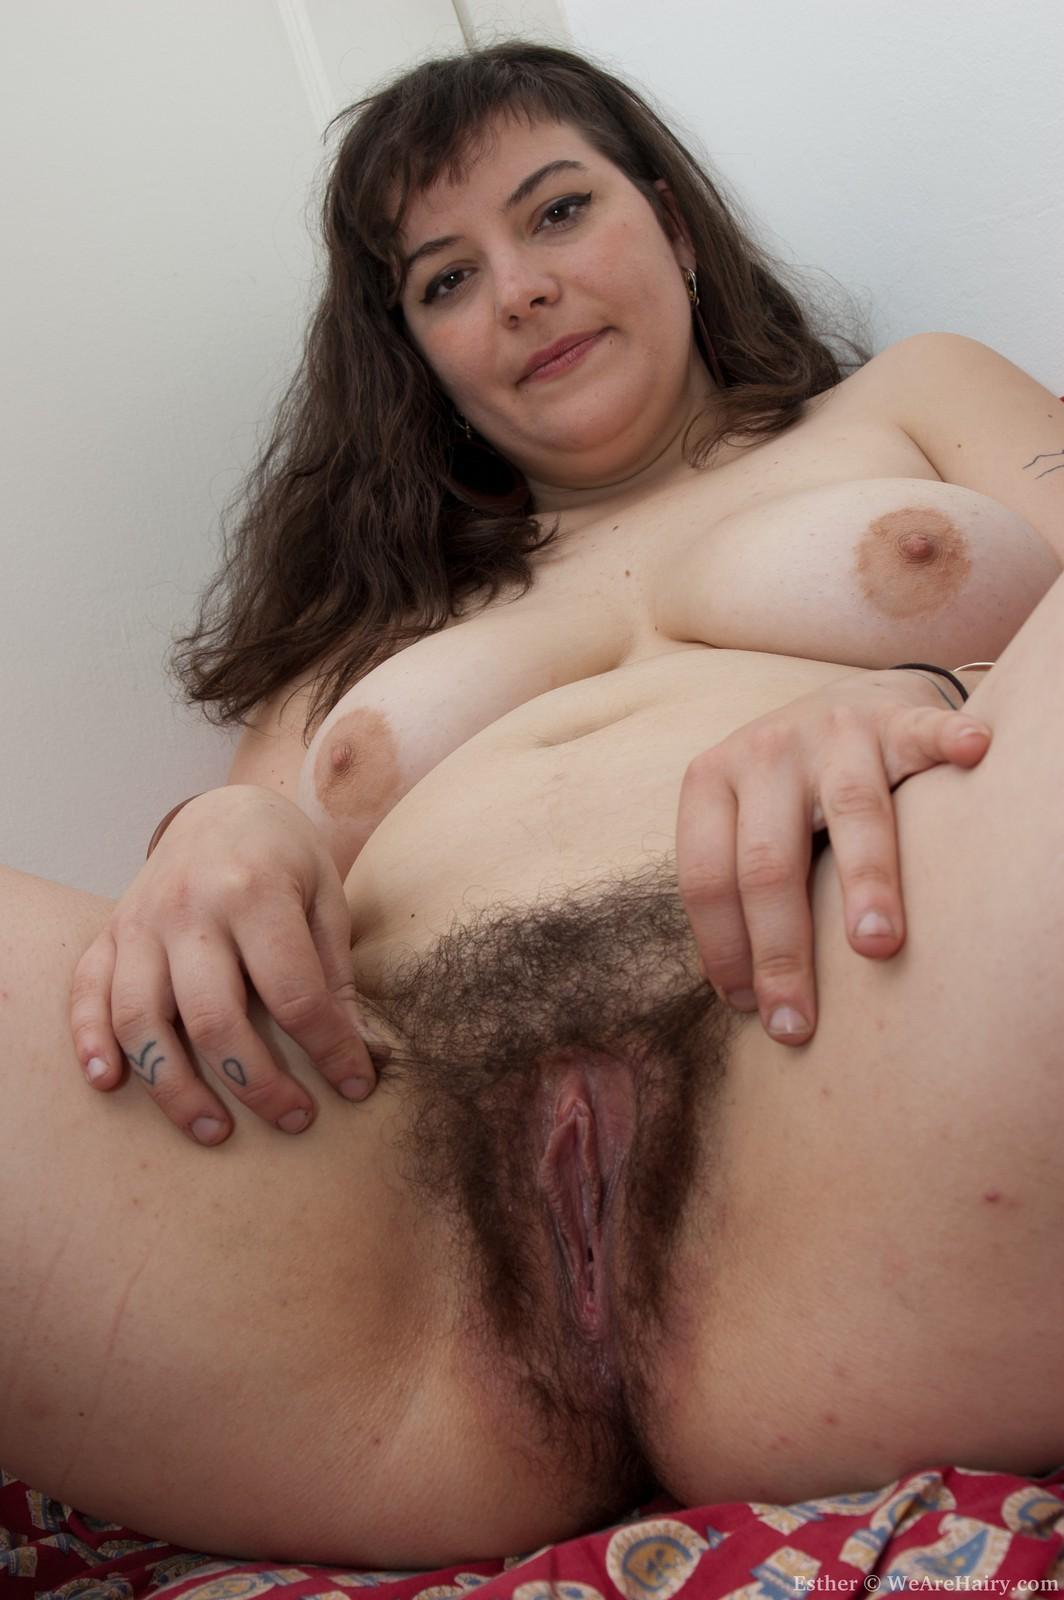 порно видео волосатые писи онлайн